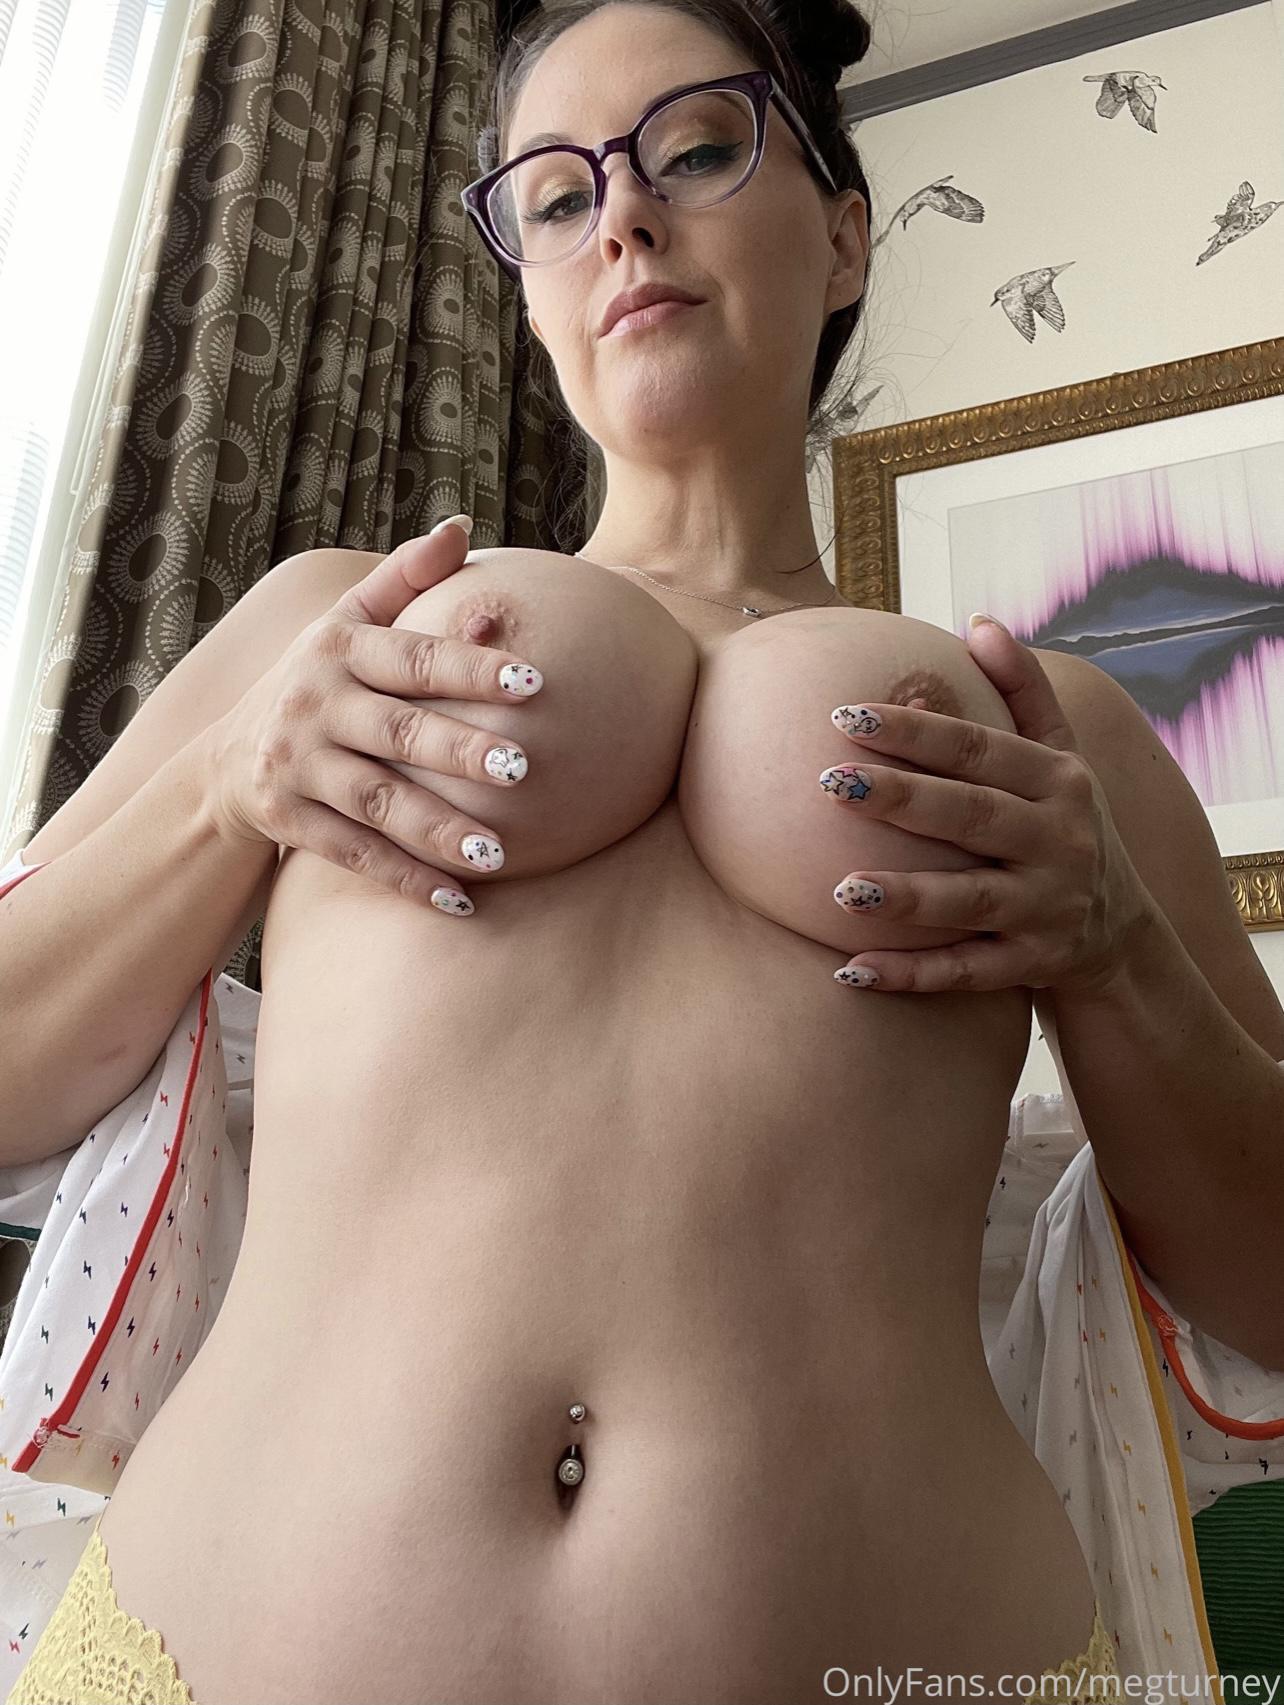 Meg Turney Nude Candids Onlyfans Set Leaked Hldyld